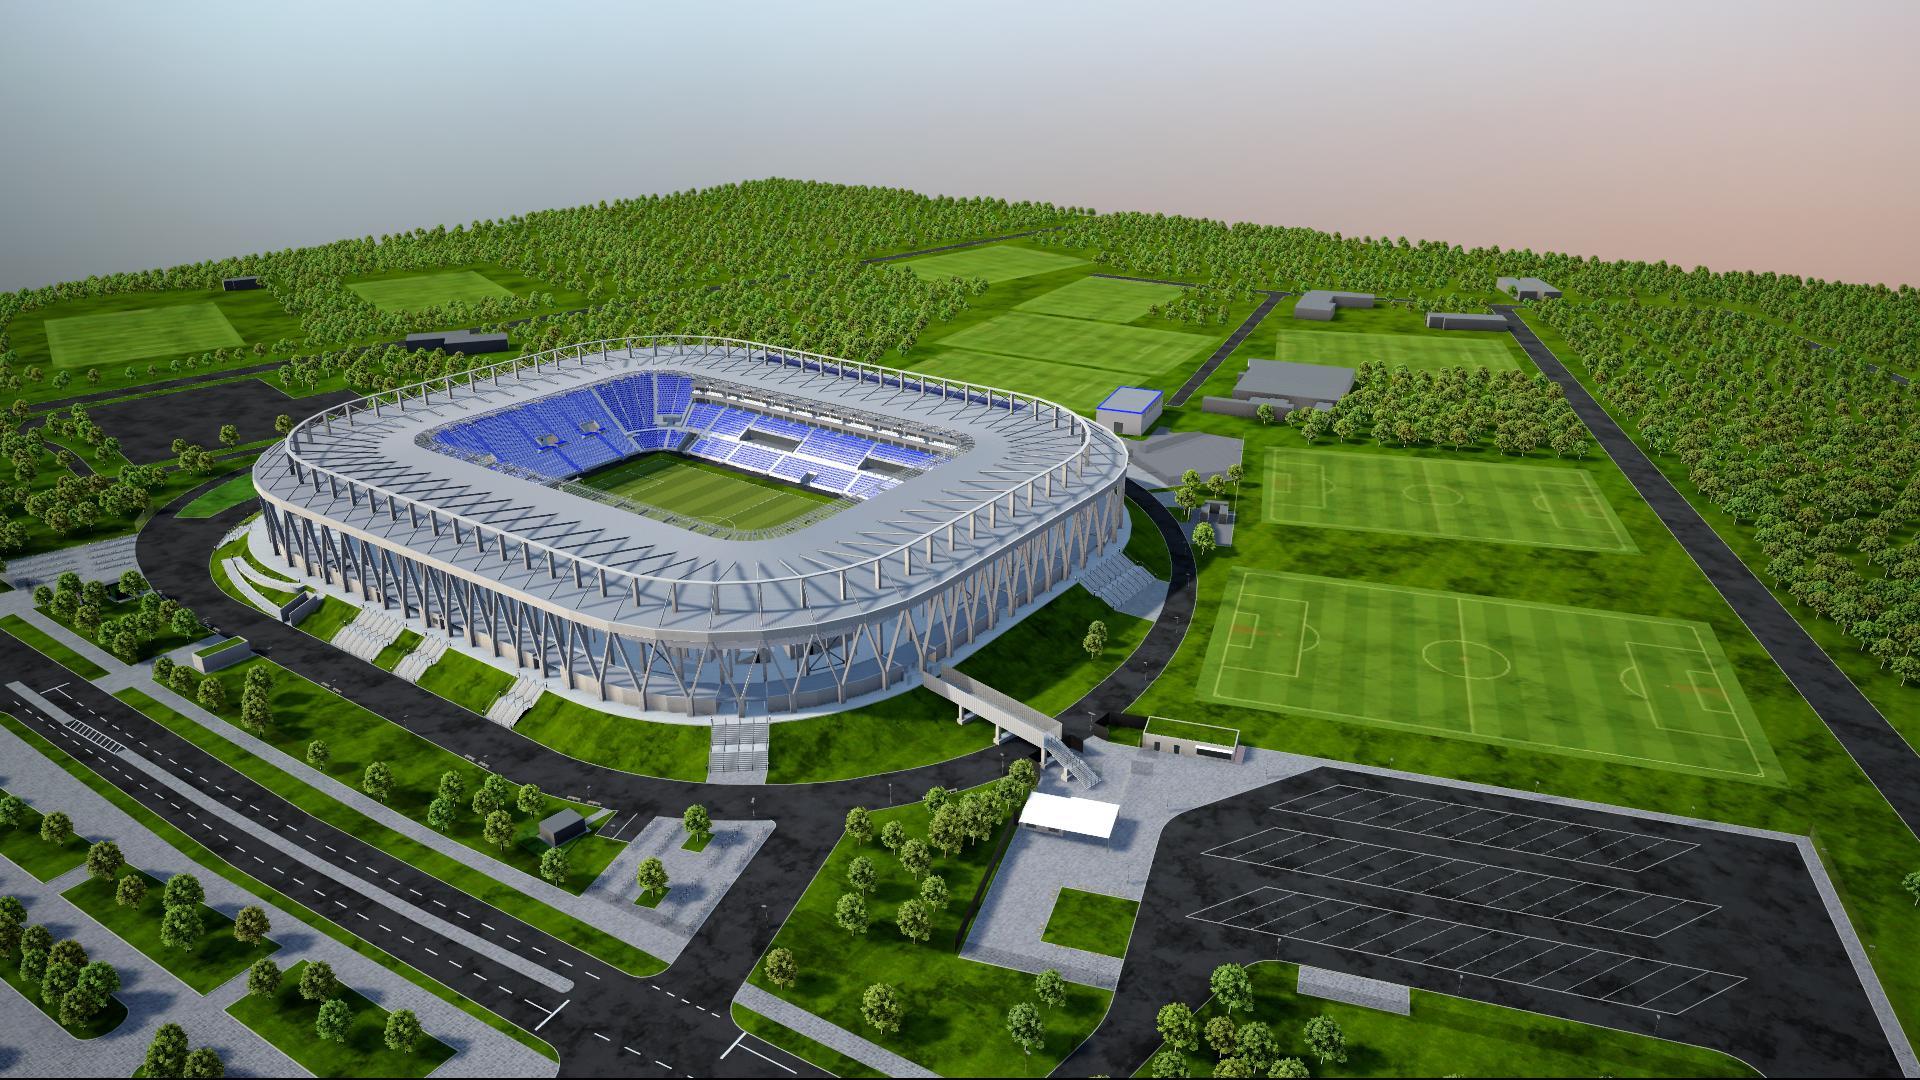 Ein Modell zeigt das neue Fußballstadion in Karlsruhe von außen.